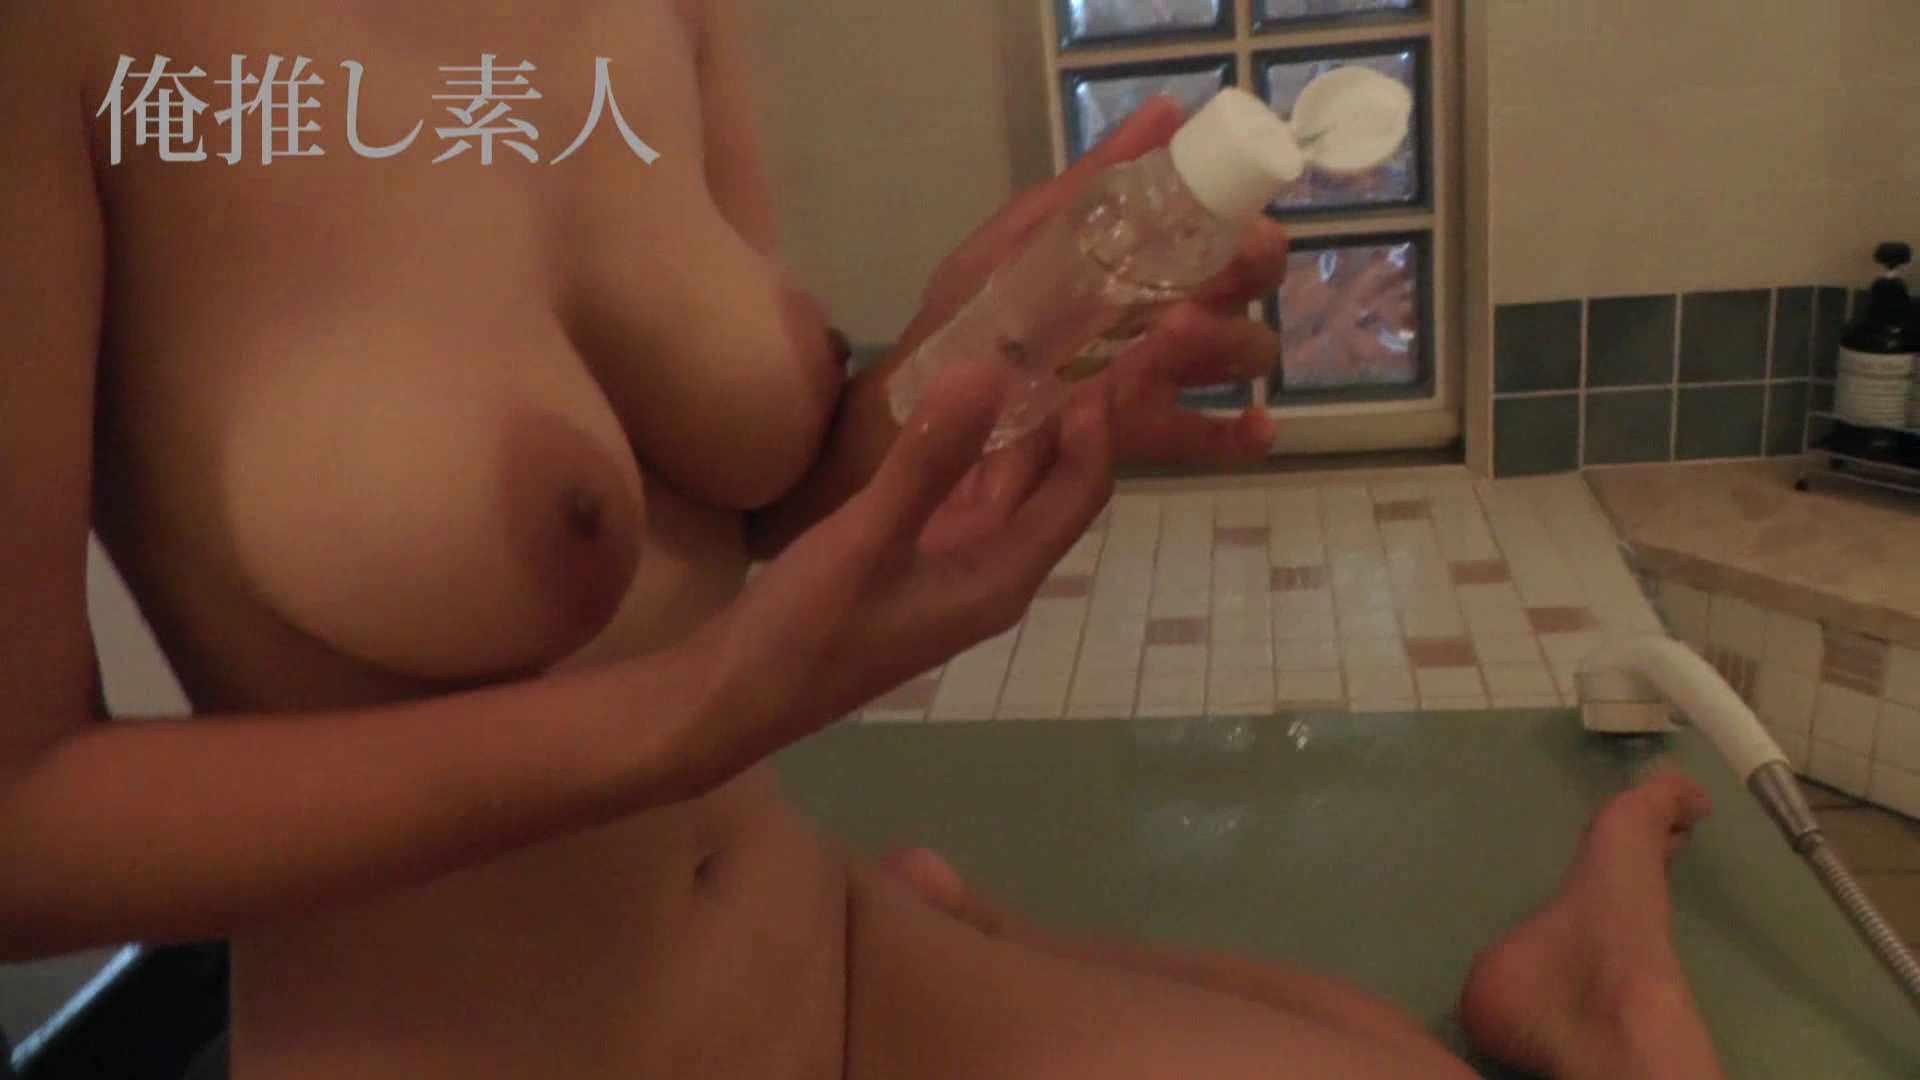 俺推し素人 30代人妻熟女キャバ嬢雫Vol.02 おっぱい 覗きおまんこ画像 65PIX 22